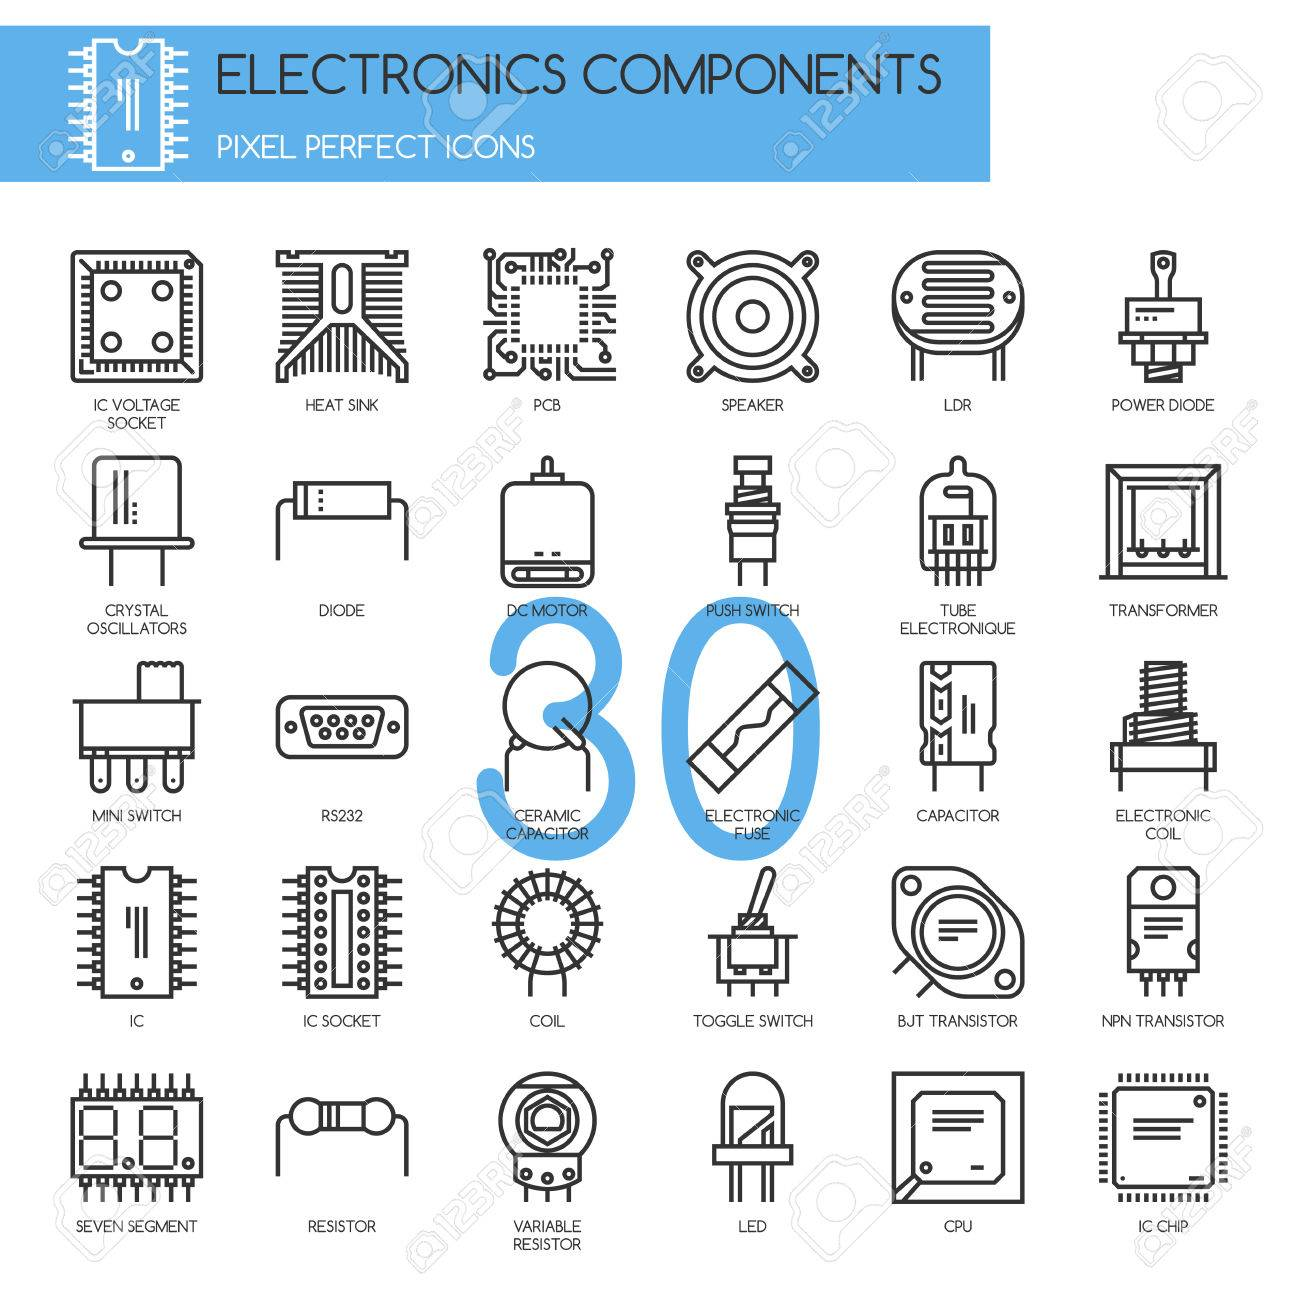 Tolle Elektronische Symbole Und Komponenten Galerie - Elektrische ...